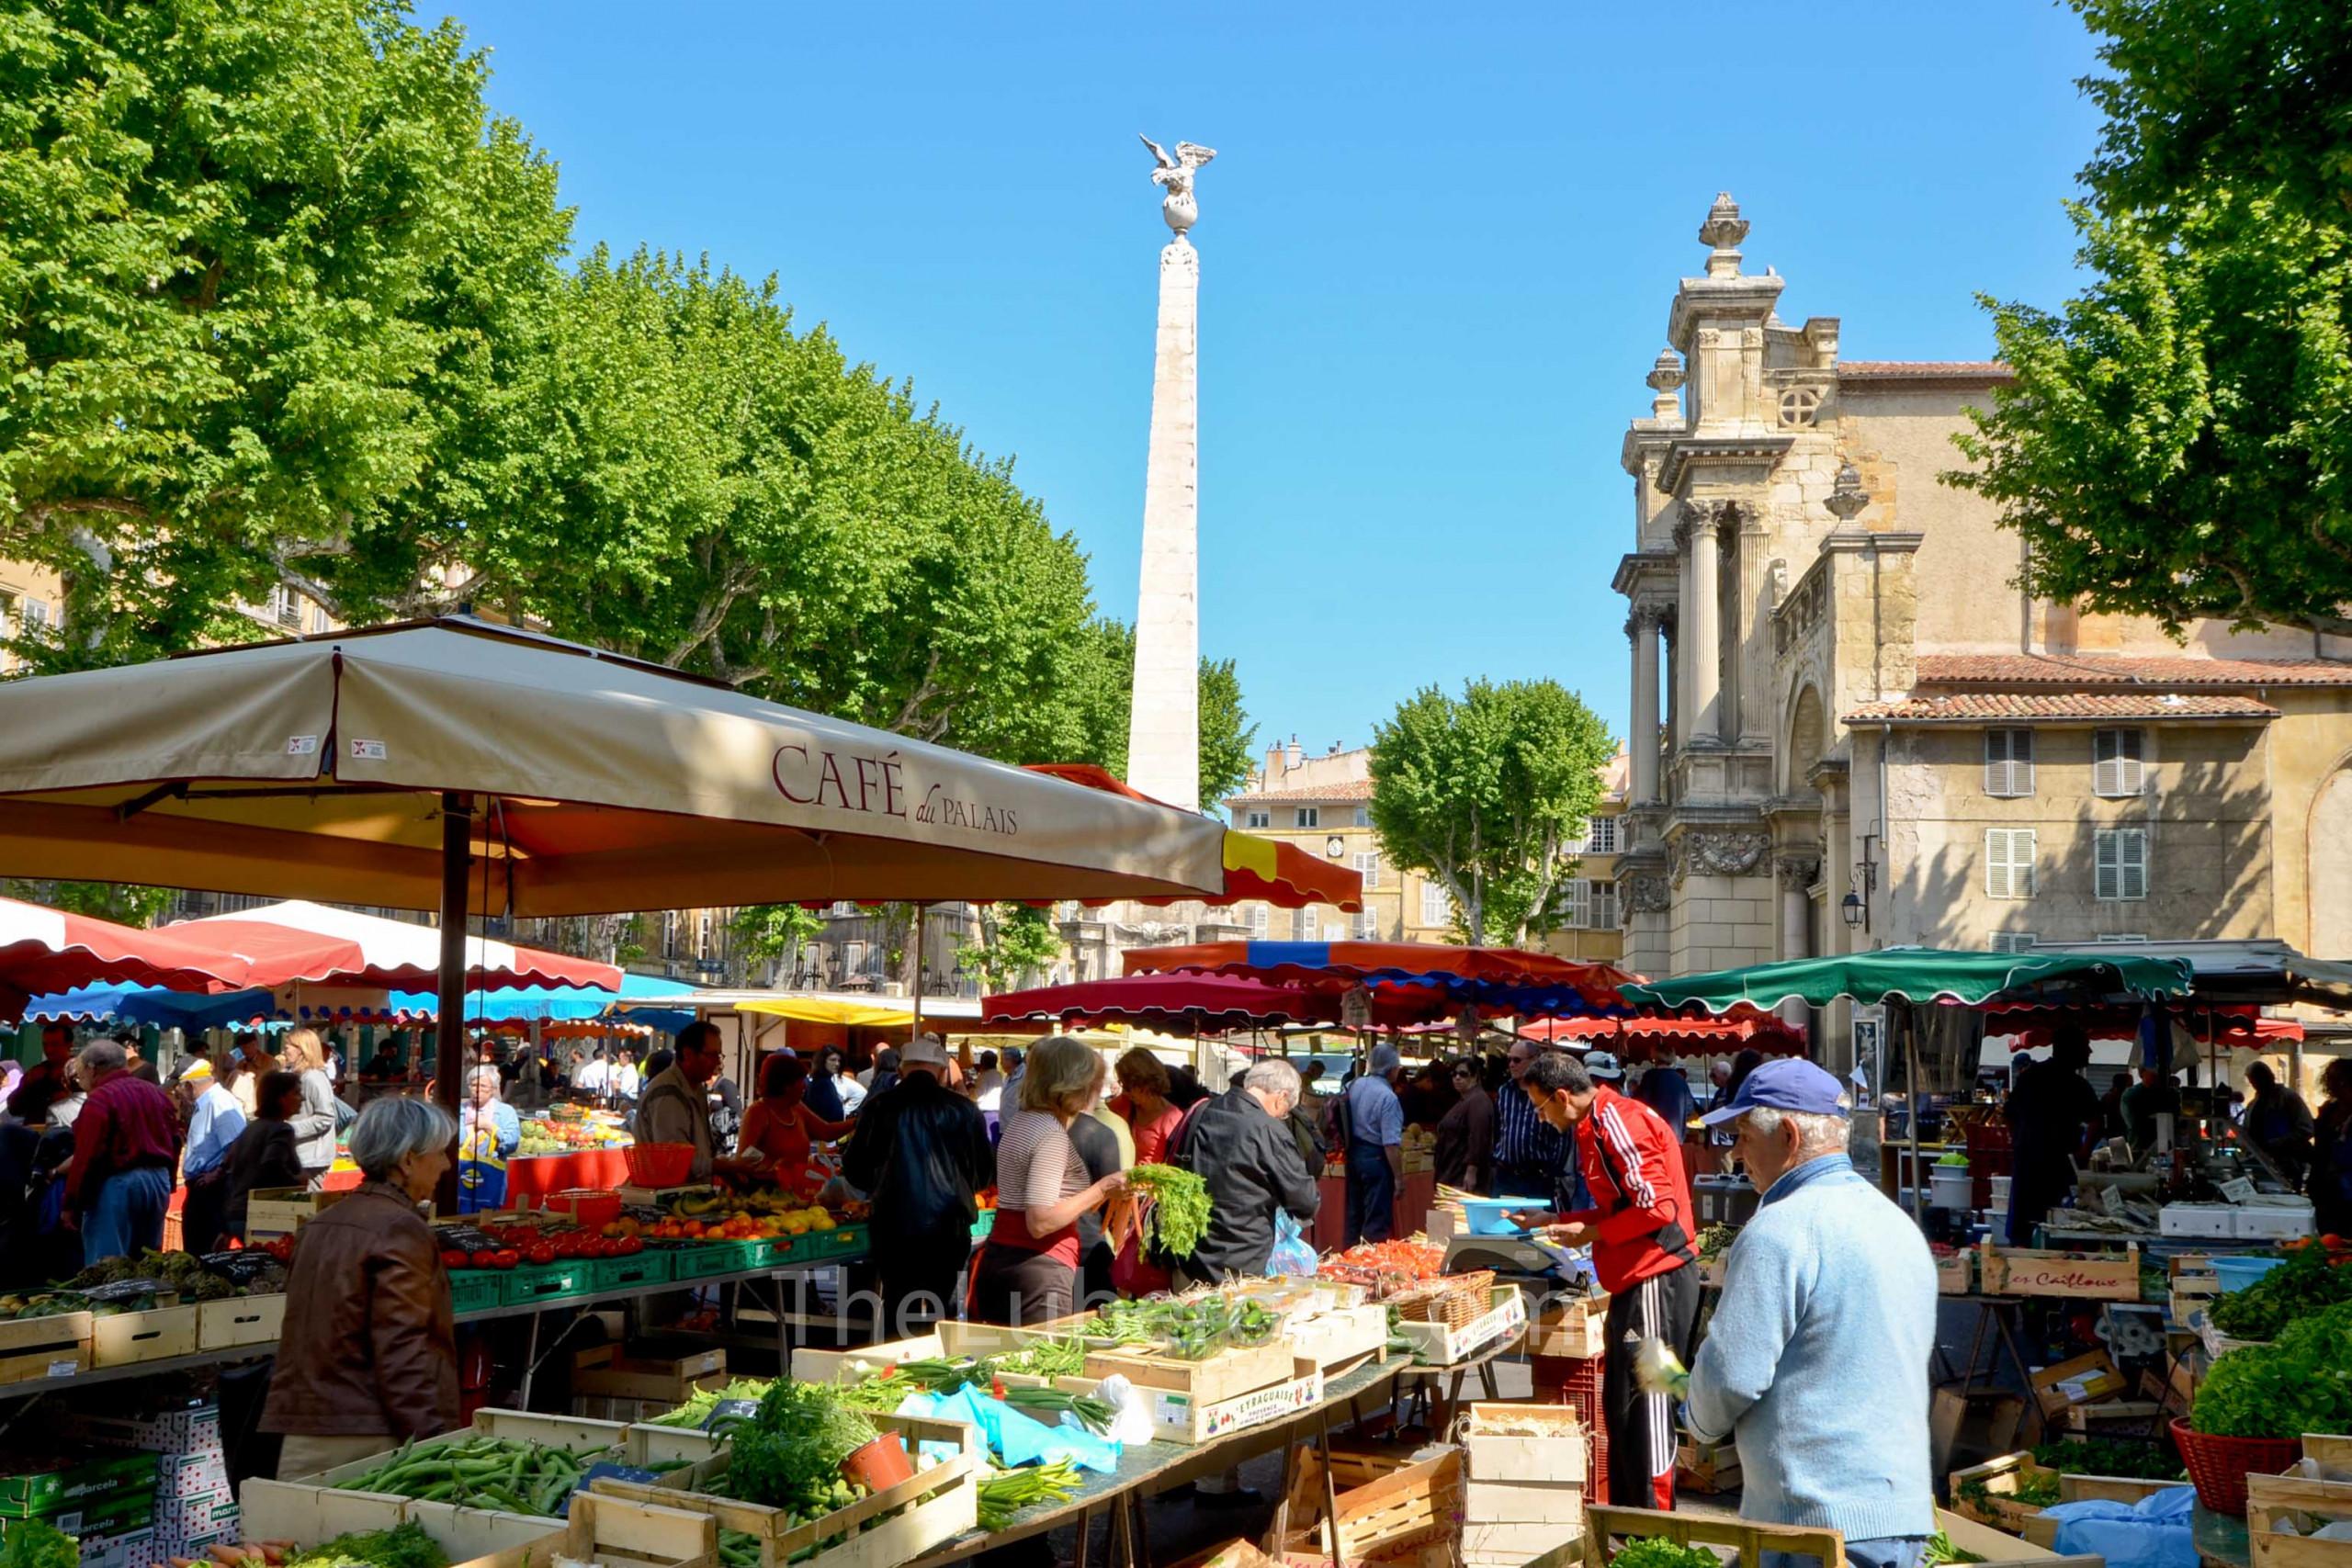 Market in Place des Precheurs, Aix